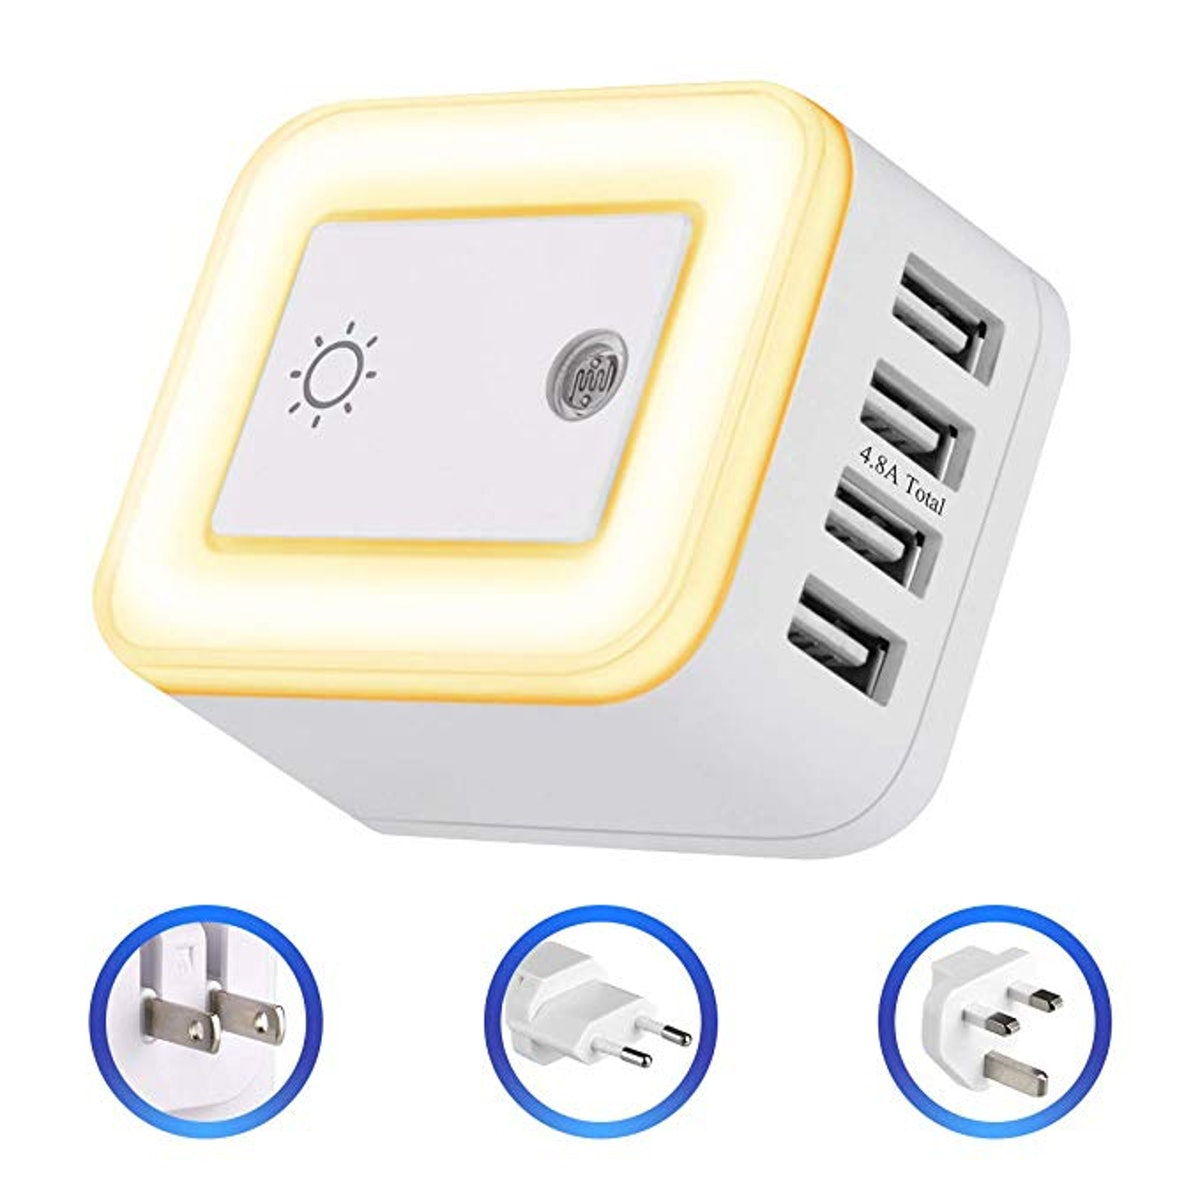 Powrui USB Wall Charger Night Light And Travel Plug